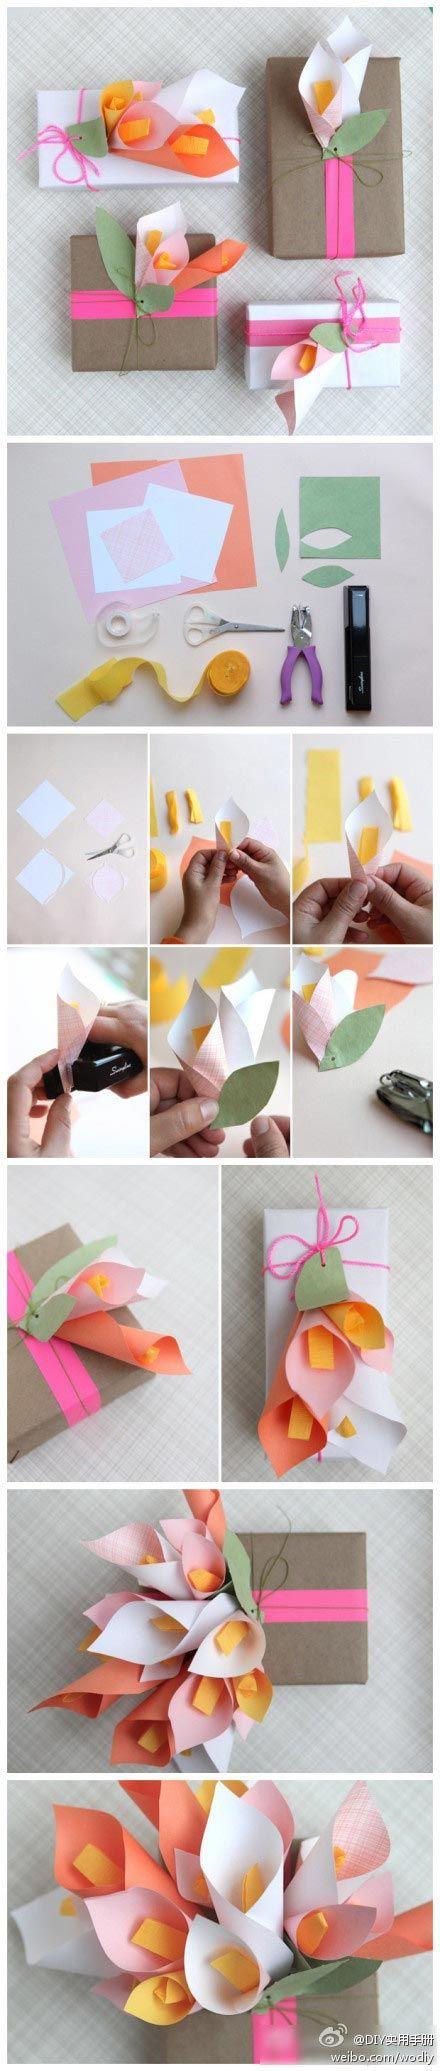 Ideas para decorar regalos con flores : Os presento un estupendotutorial fotográfico que nos enseña a fabricar flores de papel para decorar nuestros regalos y darles ese toque personal que nuest